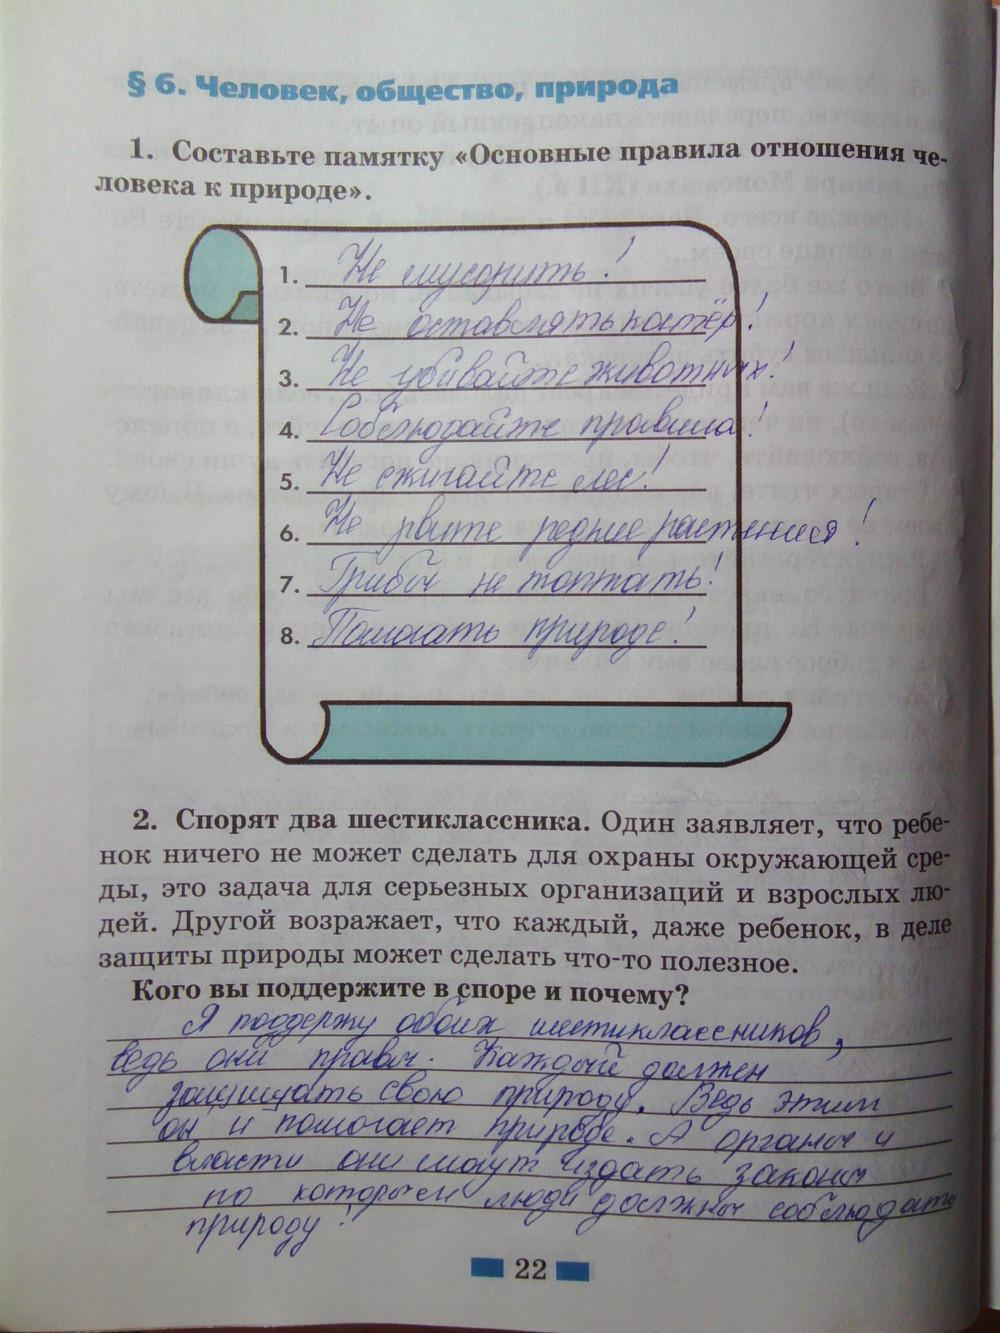 Гдз к учебнику обществознание 6 класс